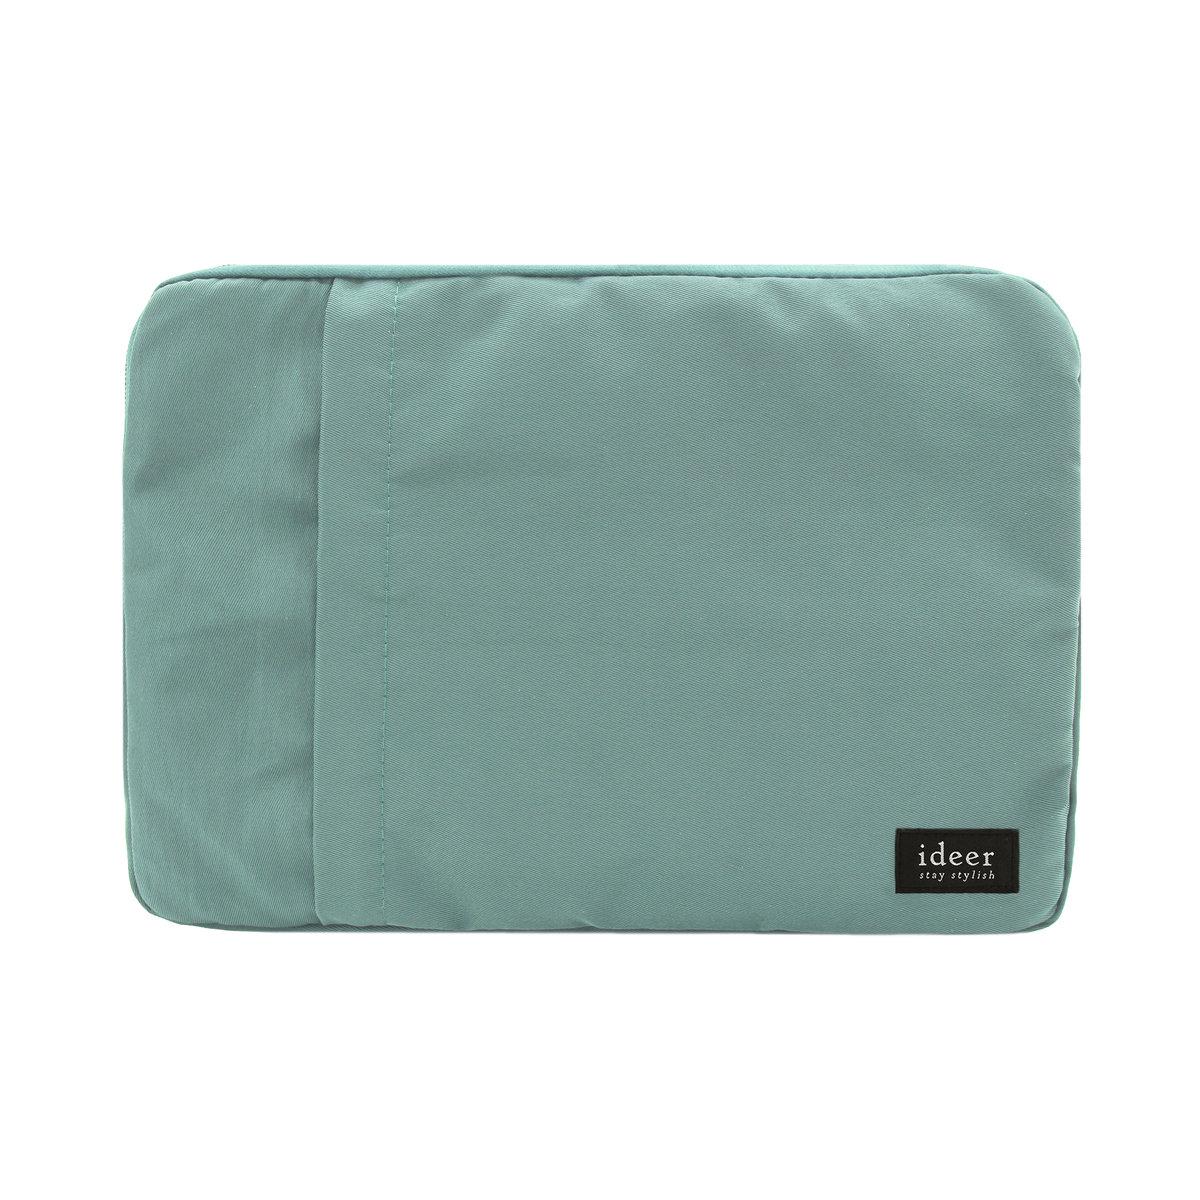 Ronnie 薄荷綠色防水尼龍超輕手提電腦袋